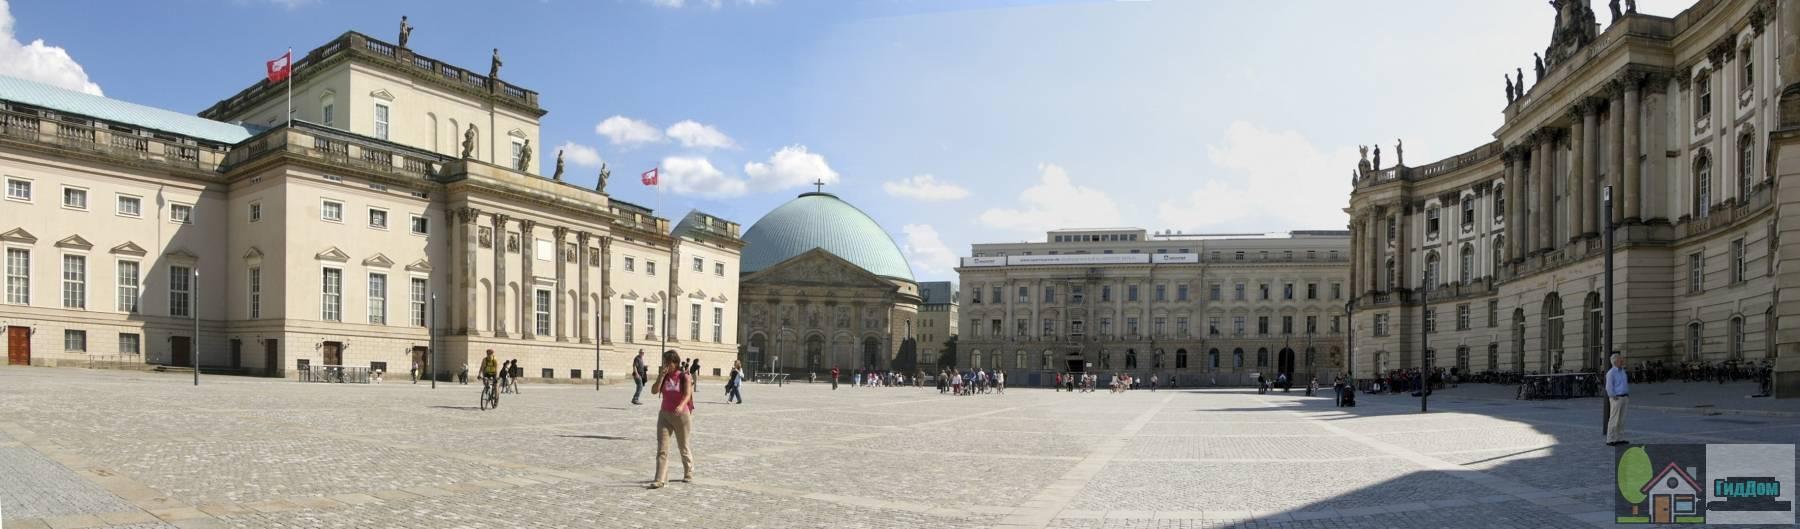 Панорама площади Бабеля в Берлине Файл загружен из открытых источников.